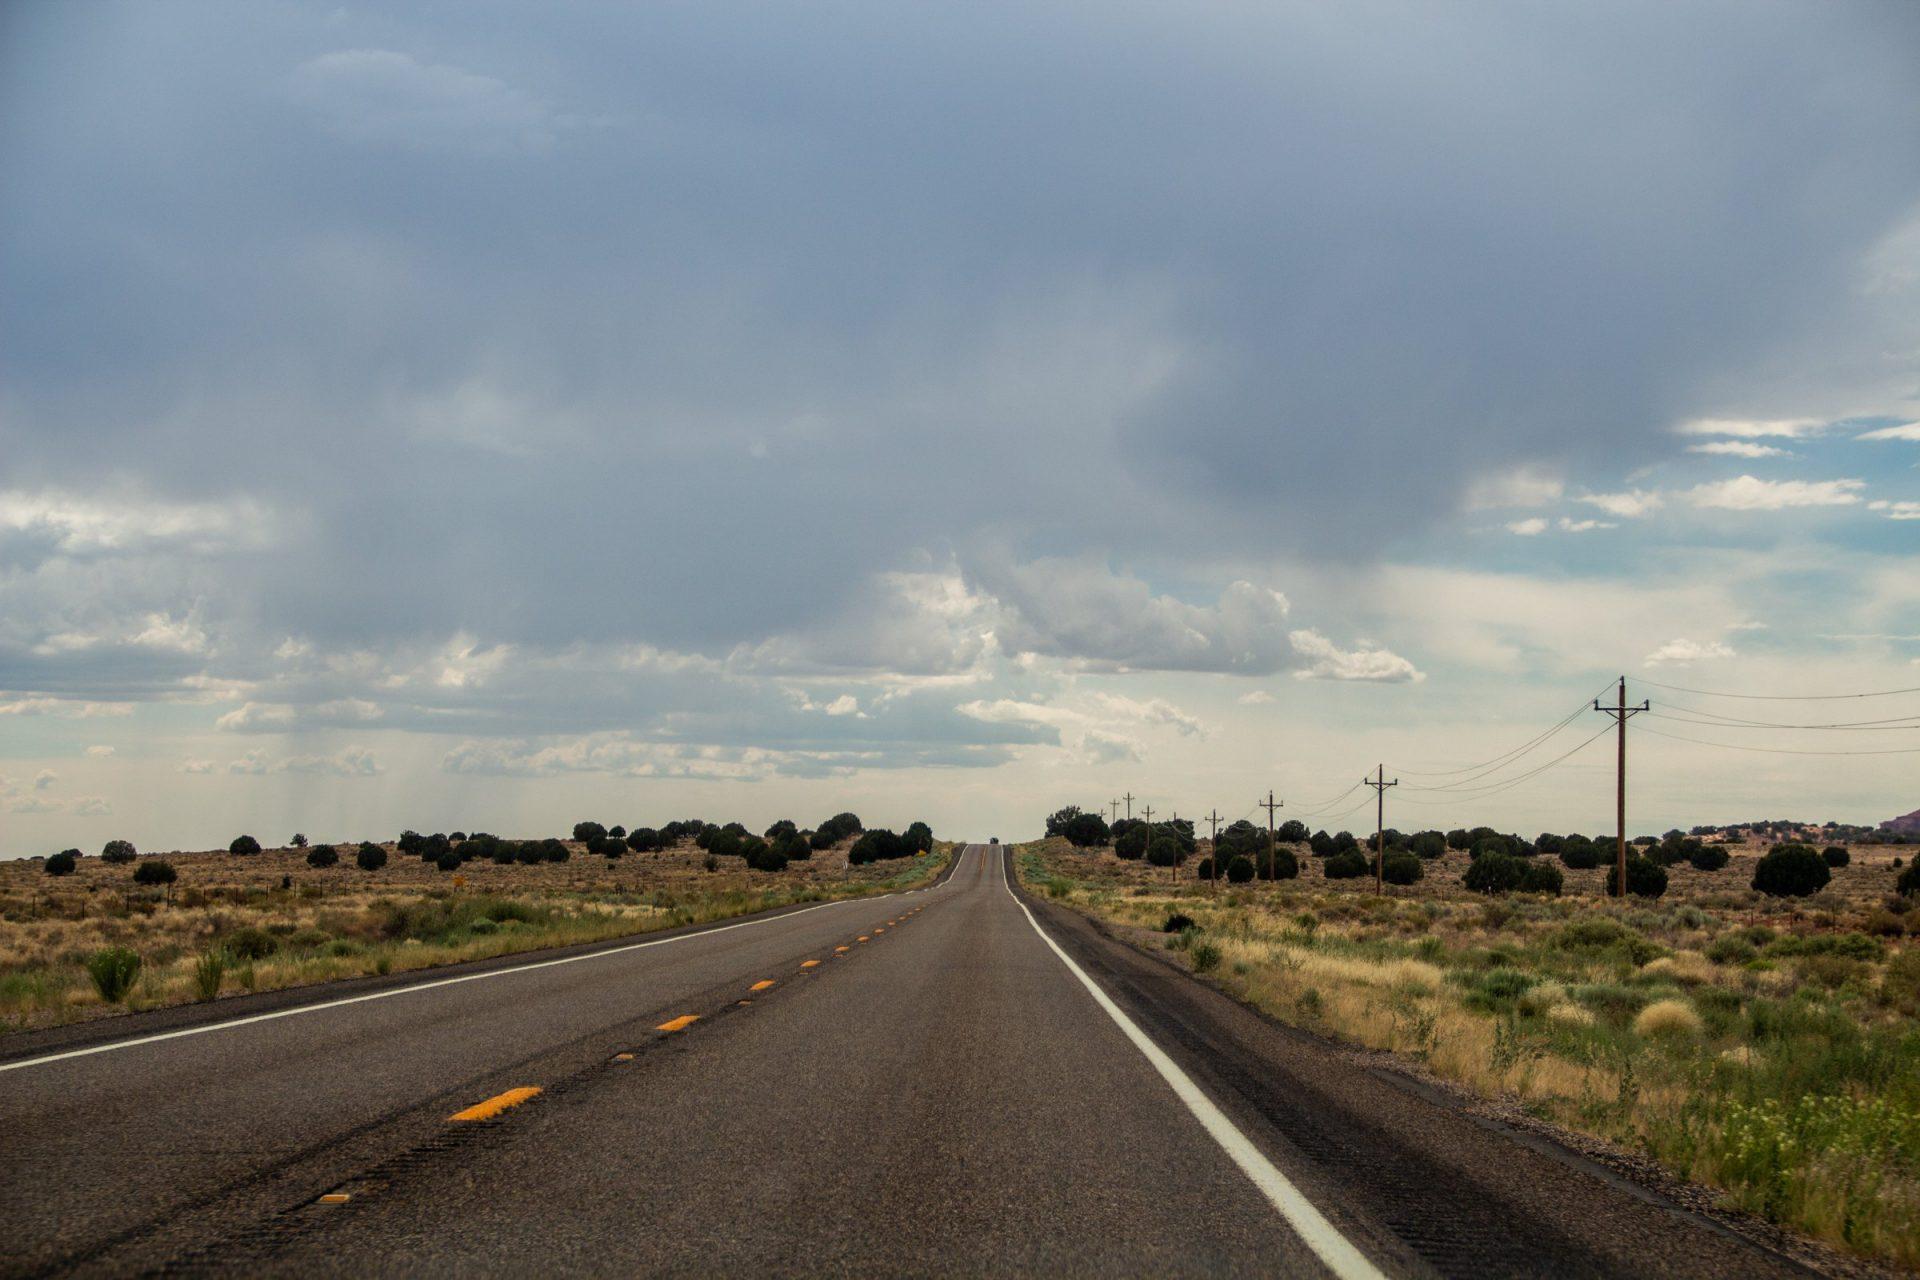 Empty Desert Road Under Cloudy Sky